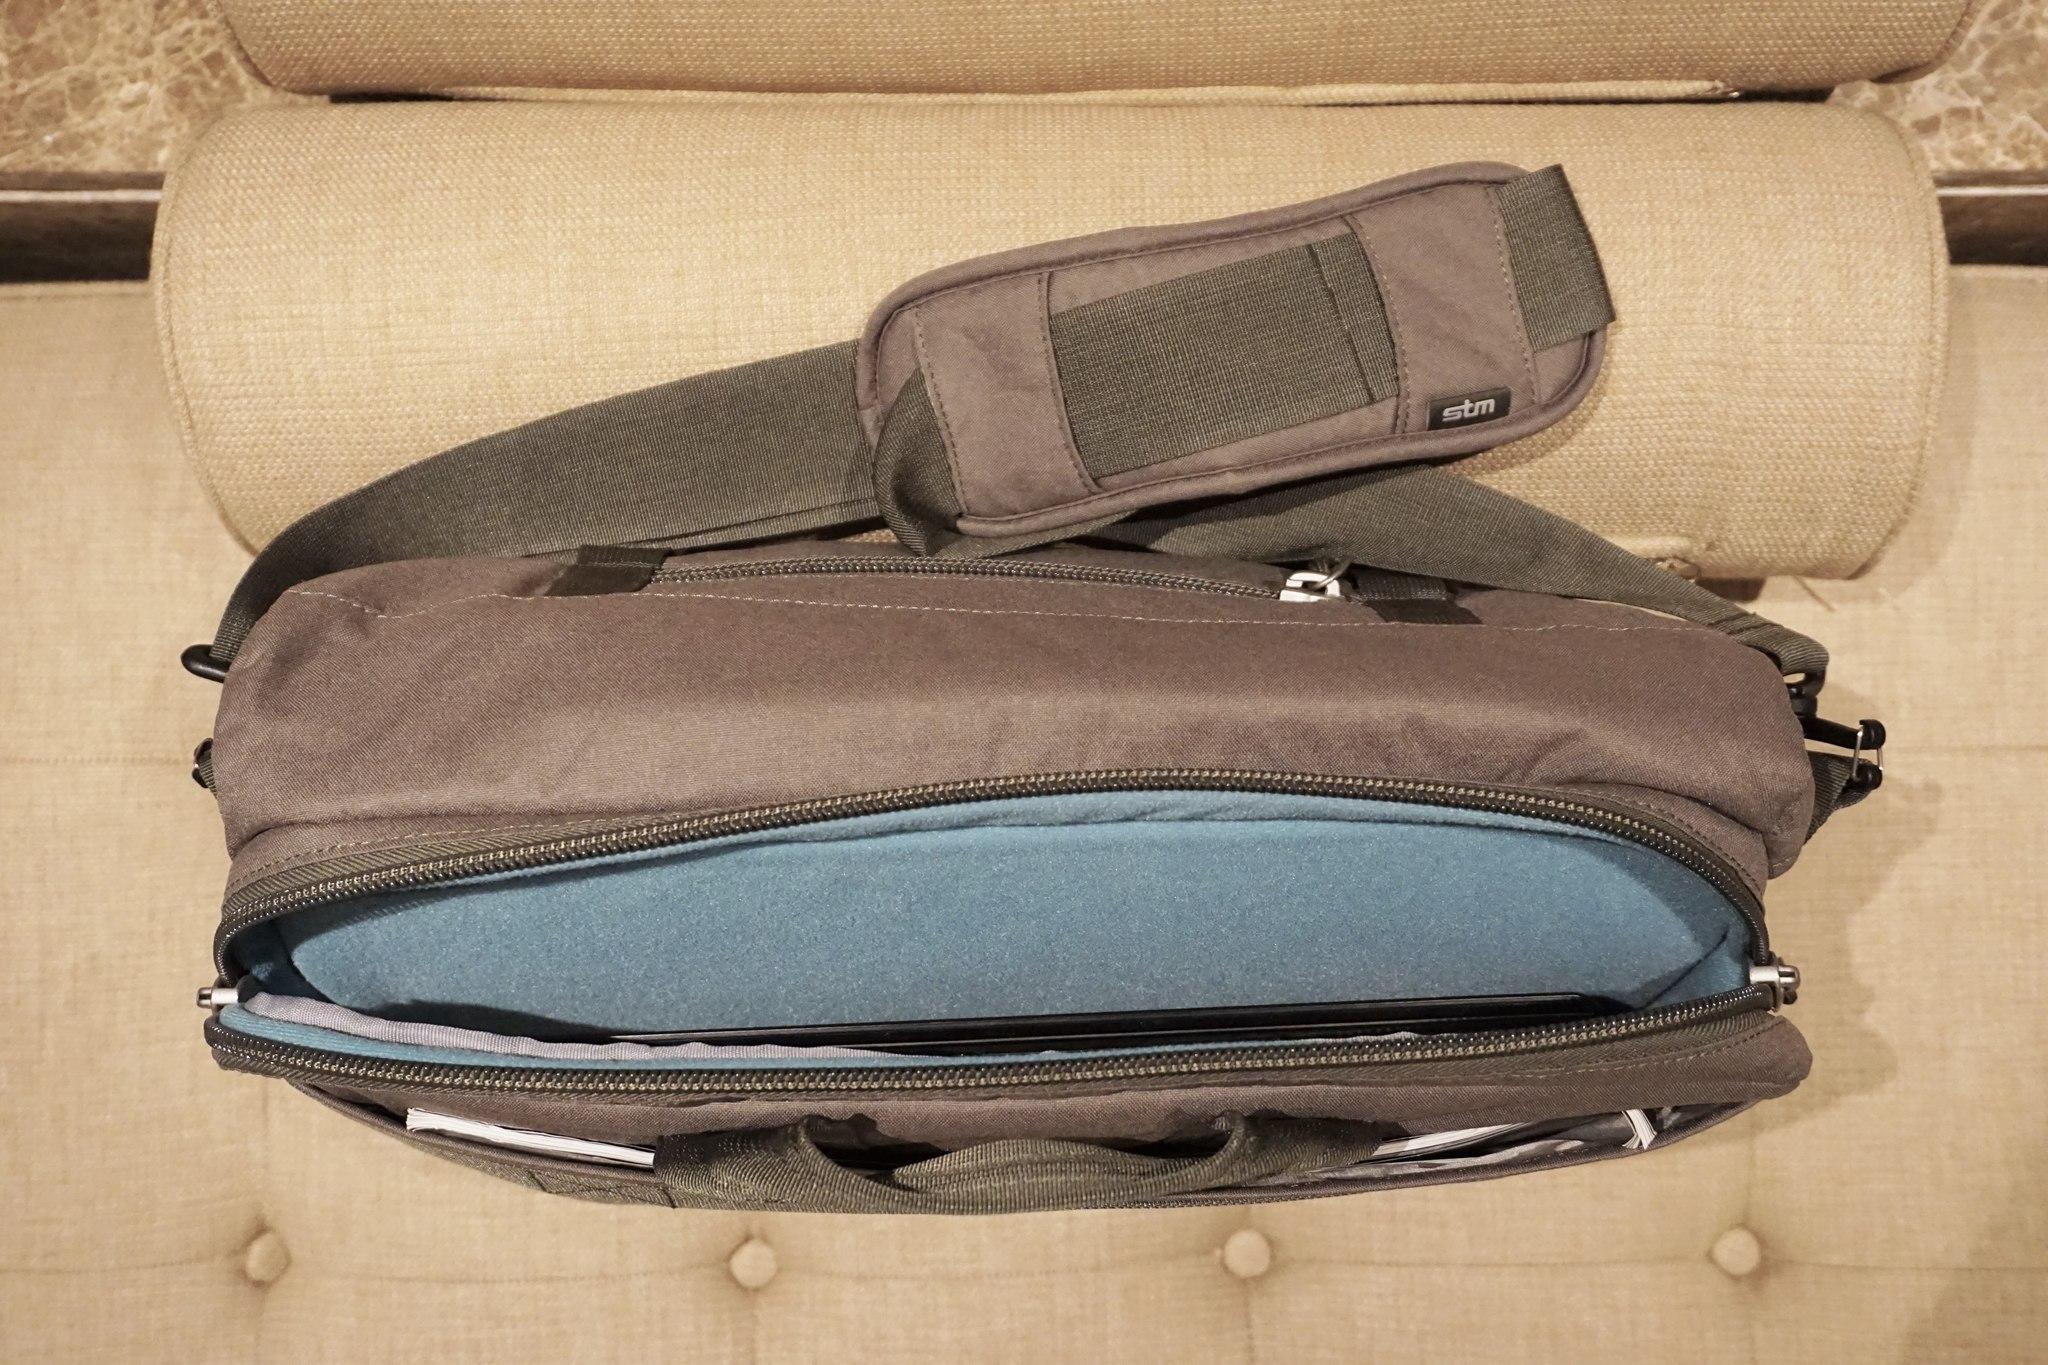 stm-trust-15-inch-laptop-messenger-bag-4